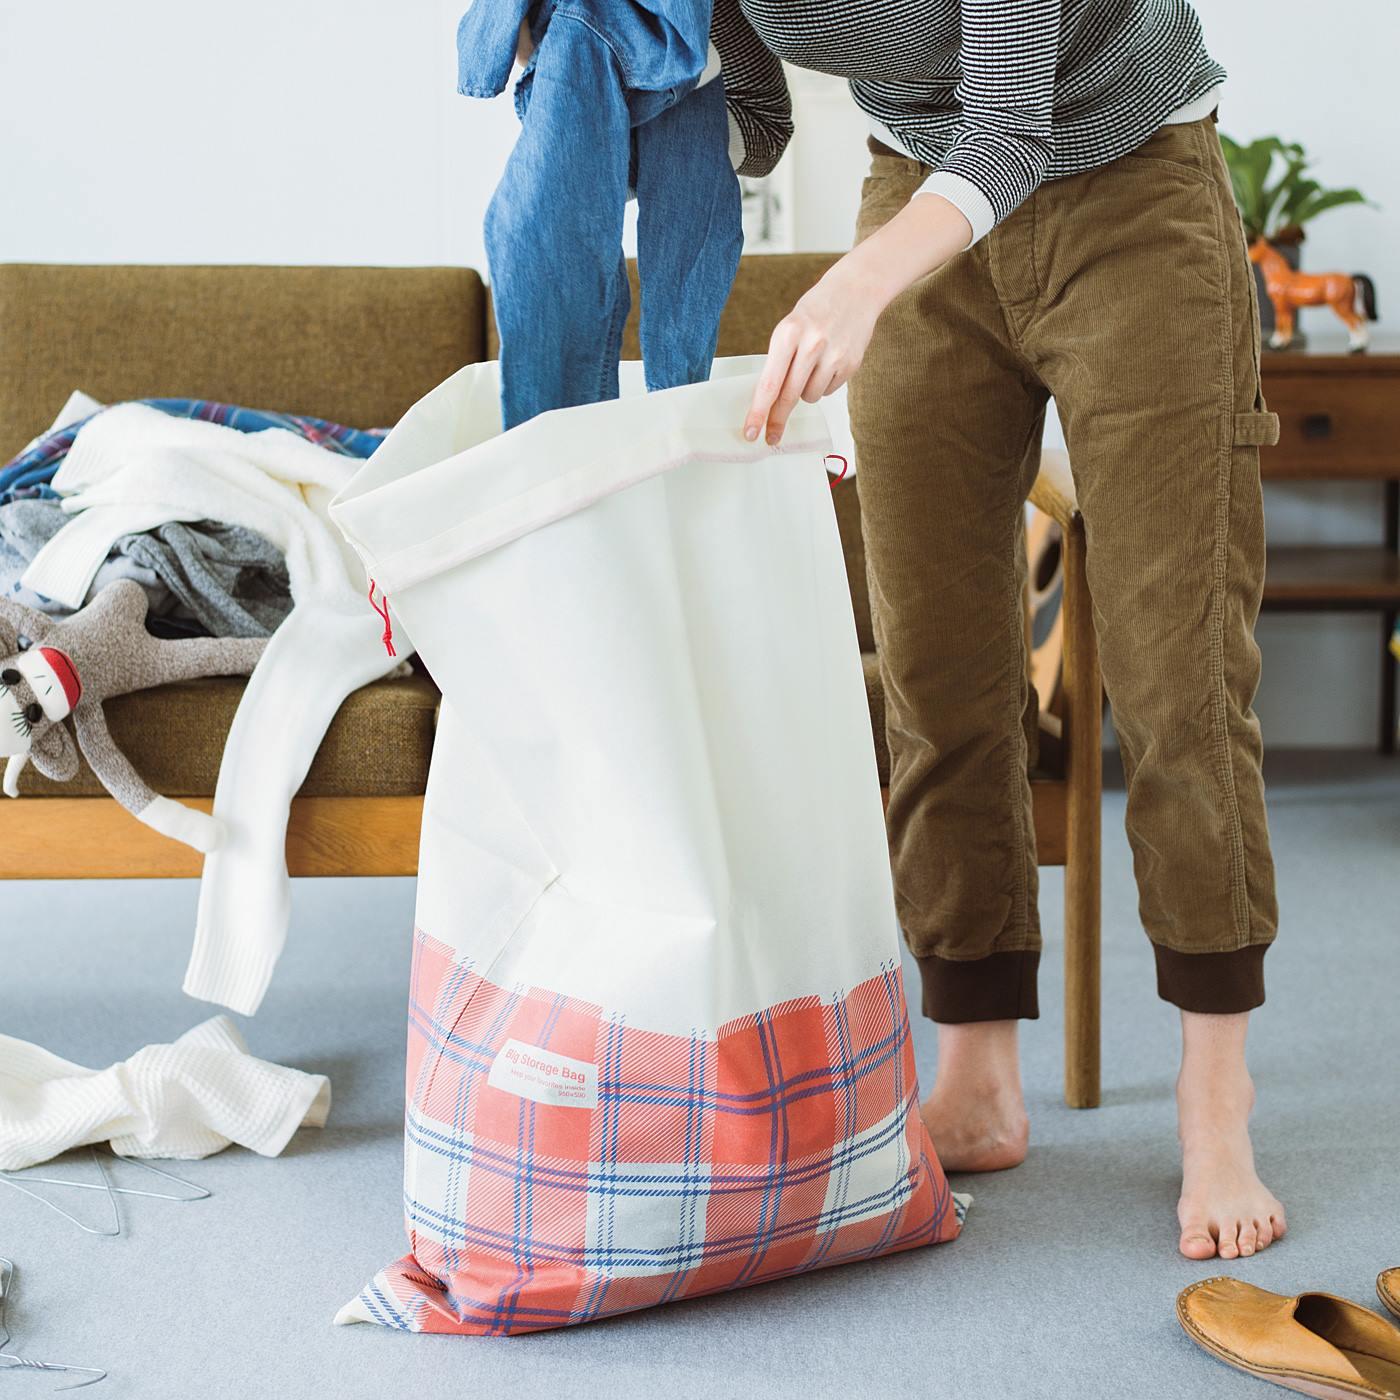 急な来客!ってときには、散らかってるものをワサッと集めて入れ込めば、たちまち目隠し収納完了!